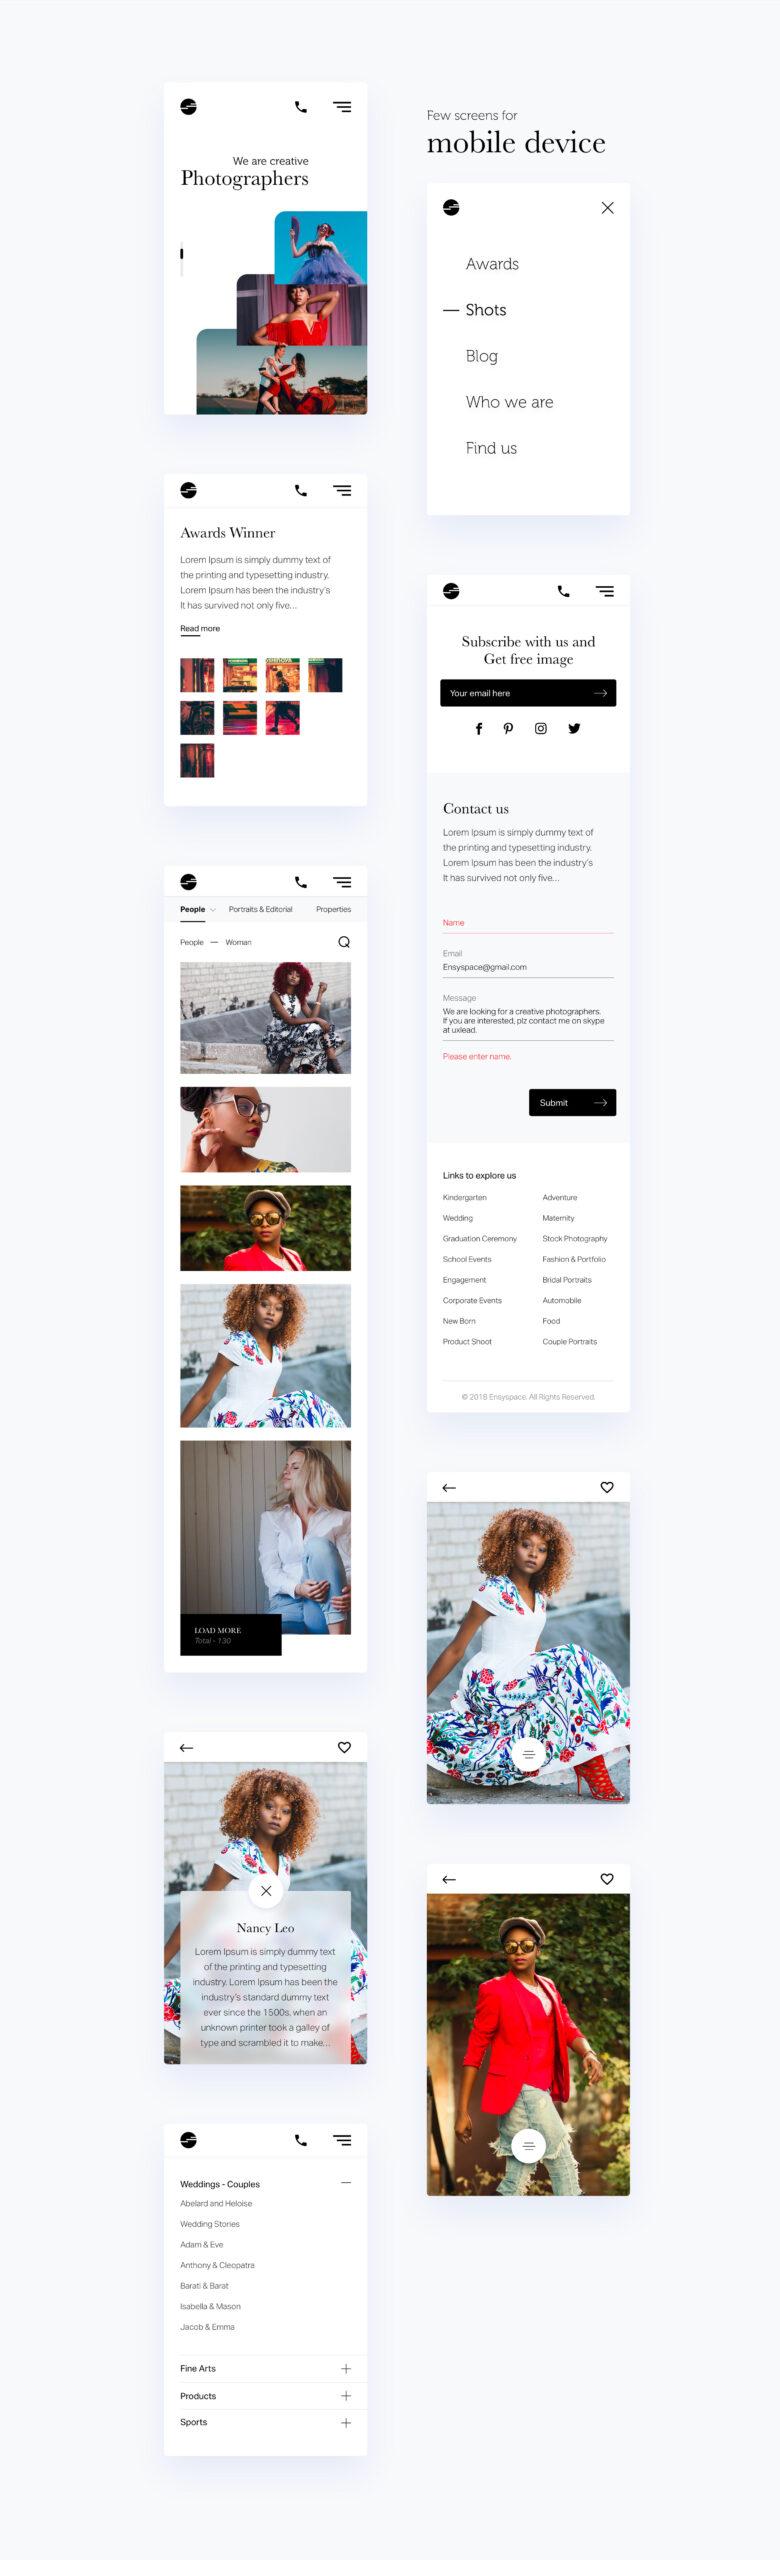 摄影师作品集网站设计模板插图5